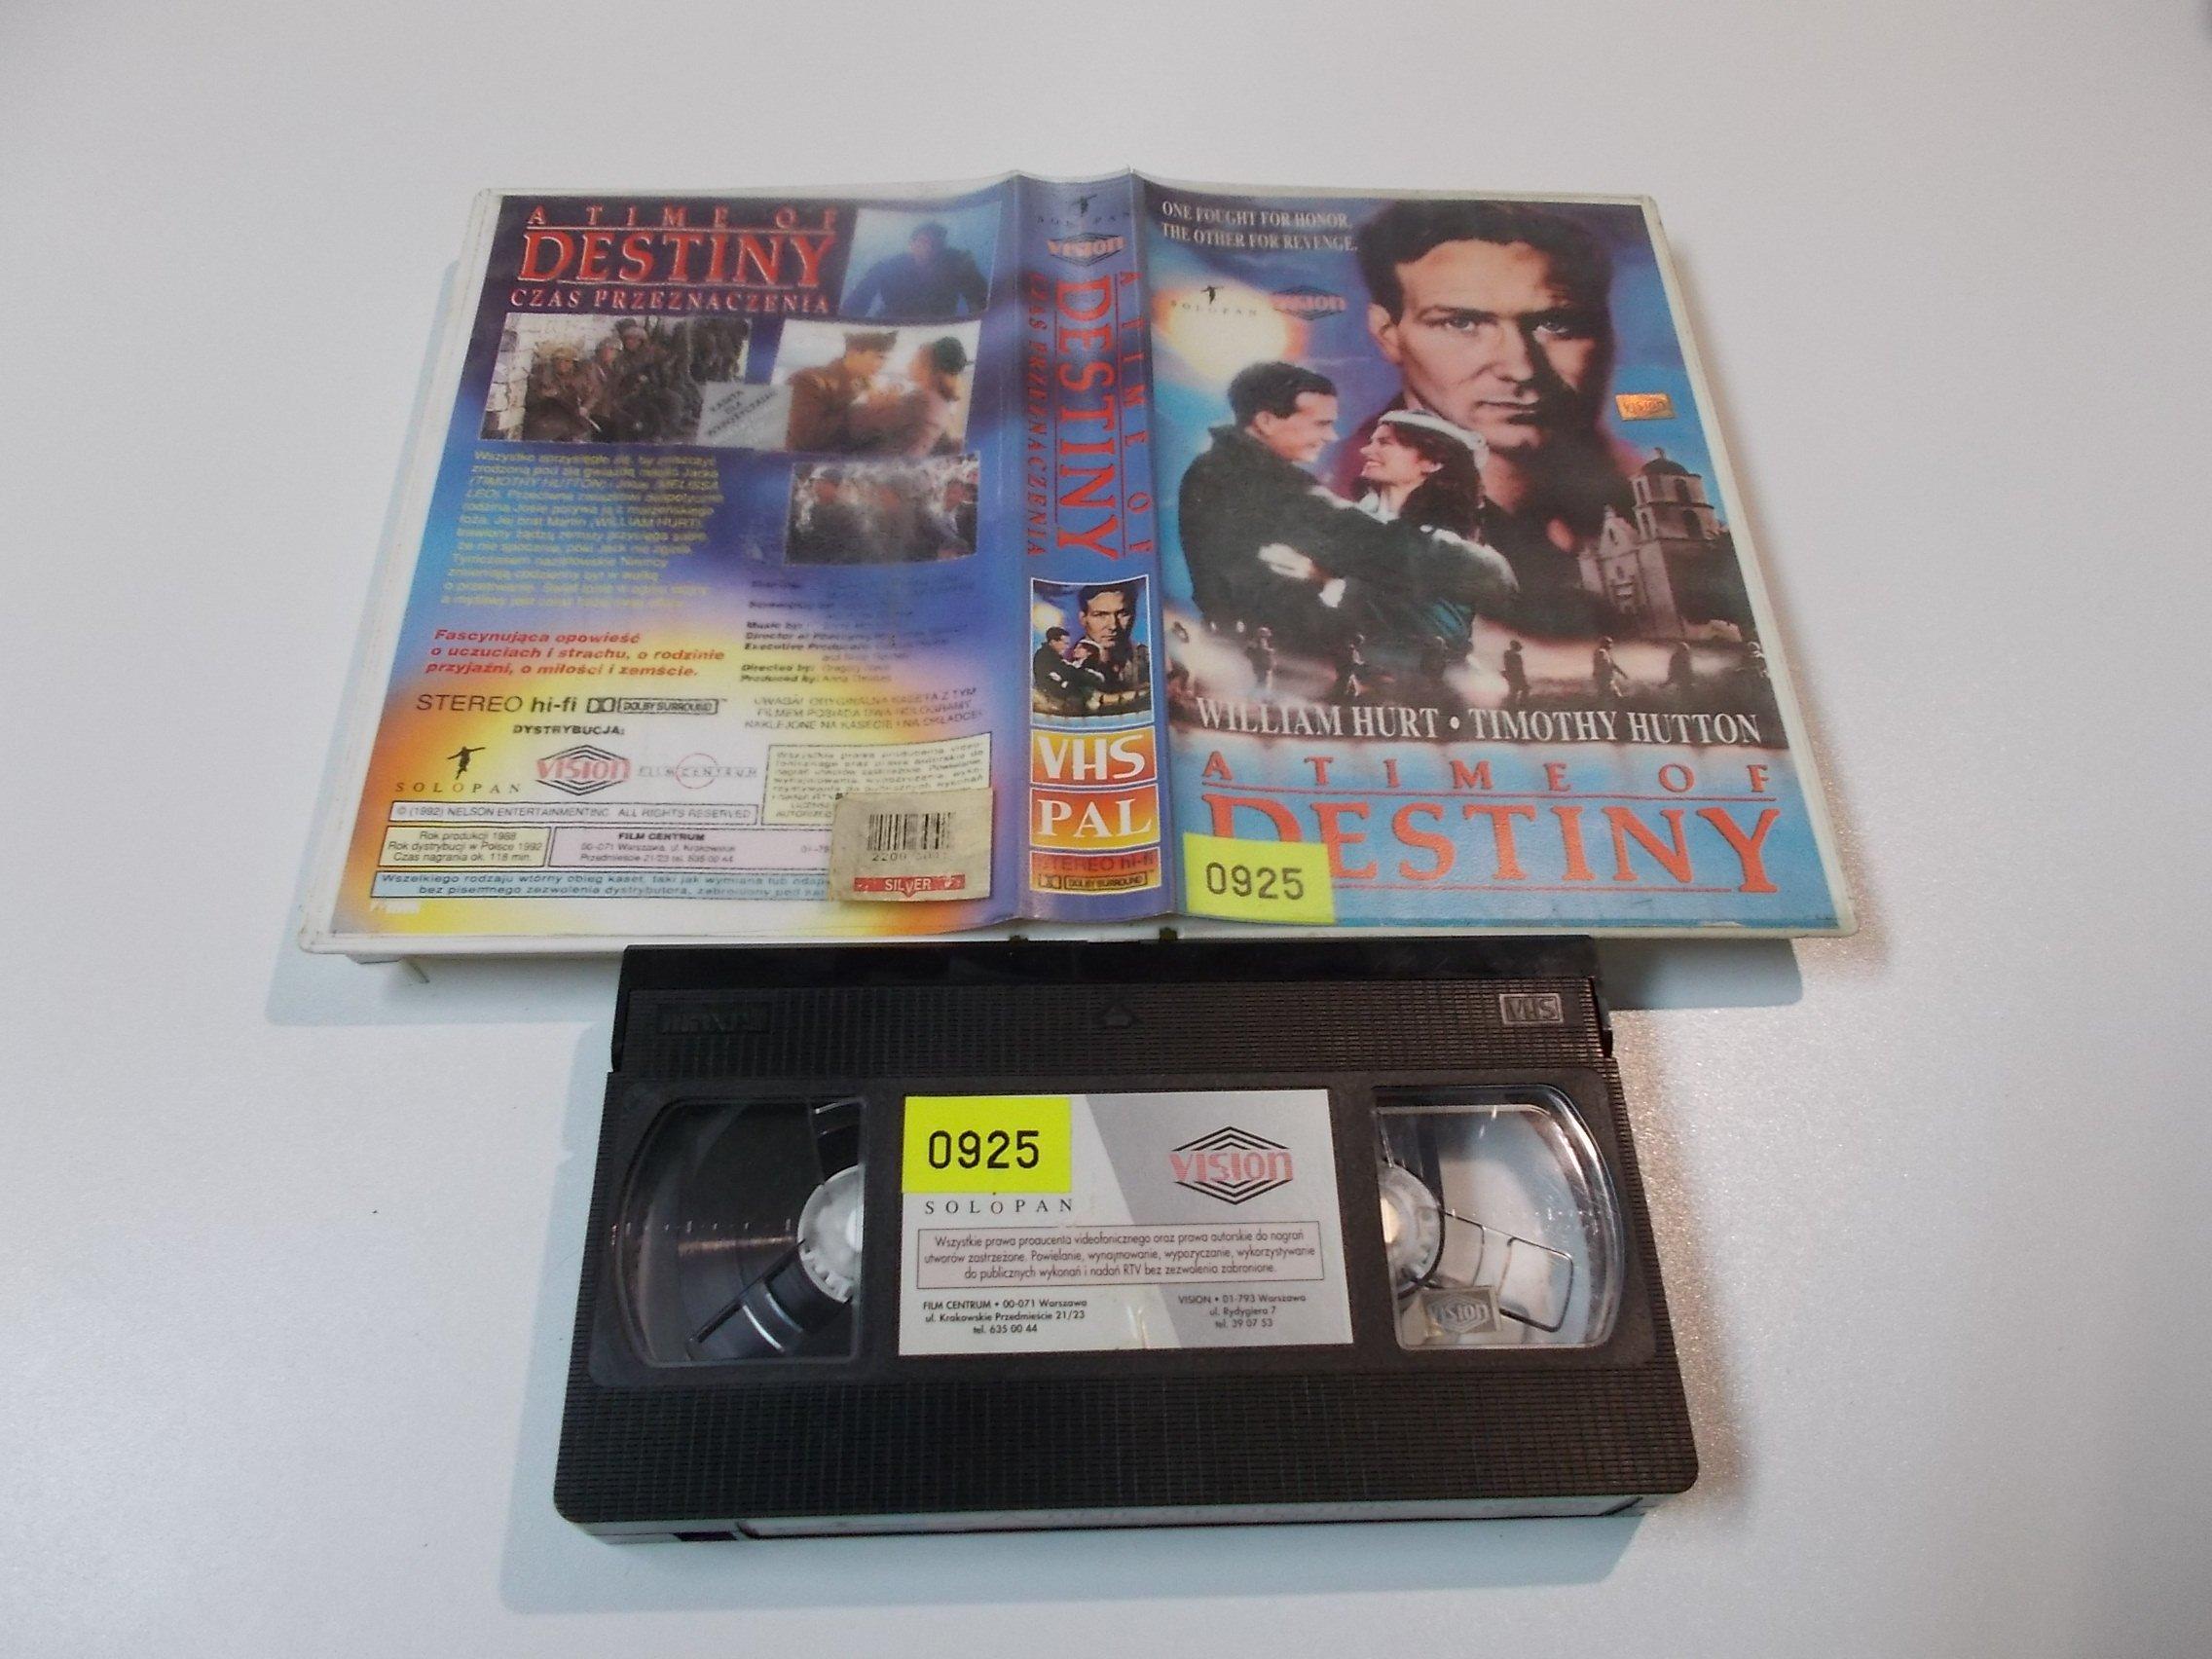 CZAS PRZEZNACZENIA - kaseta Video VHS - 1446 Sklep